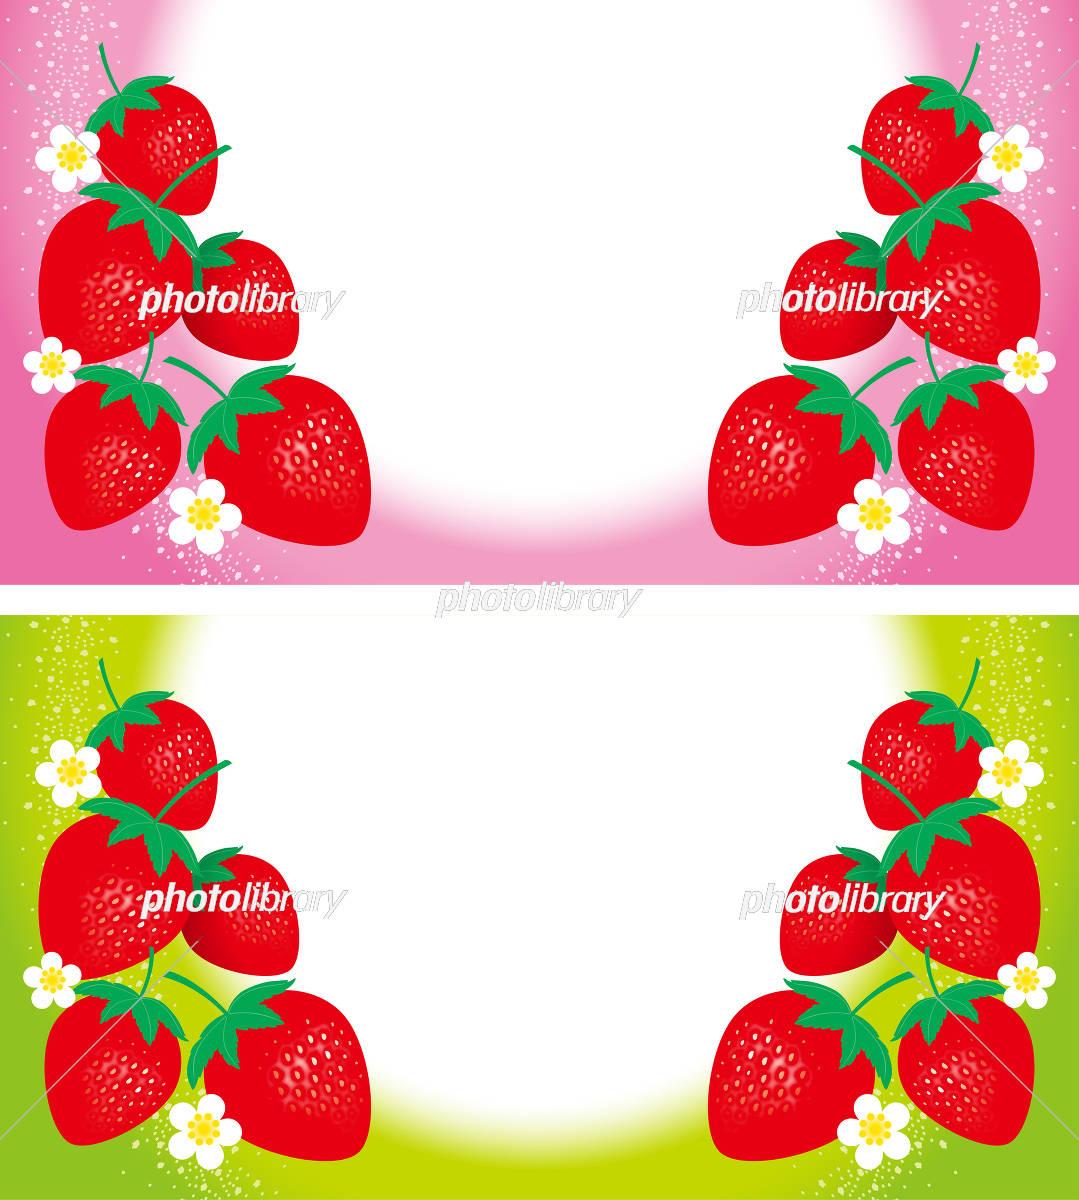 イチゴの壁紙 イラスト素材 5419134 フォトライブラリー